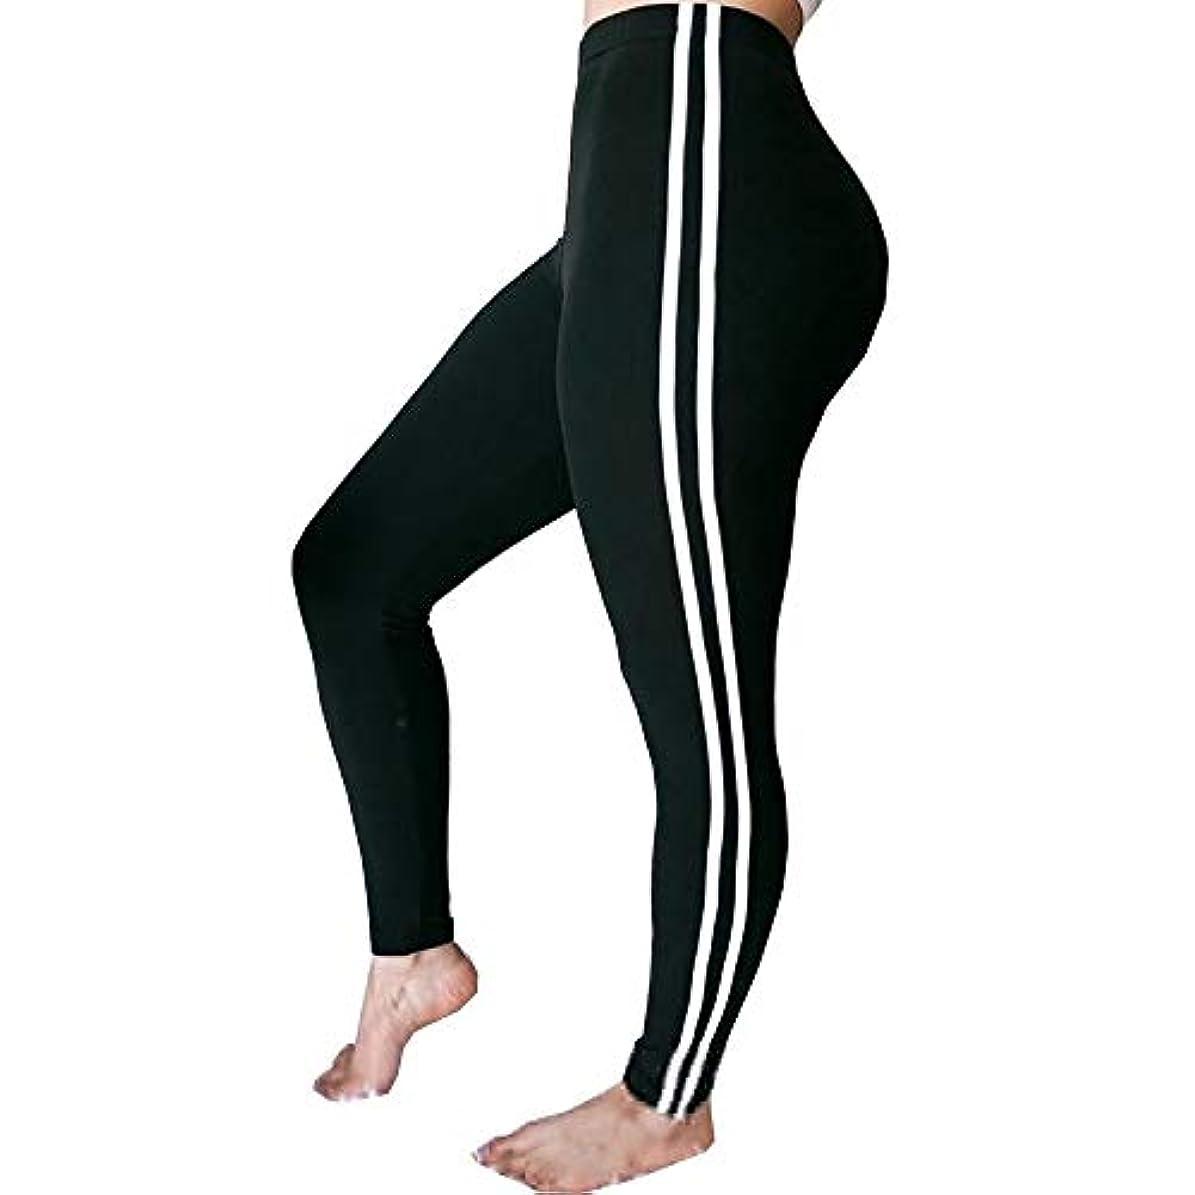 肌ボイド推進力MIFAN 女性パンツ、ロングパンツ、ハイウエストパンツ、スポーツパンツ、スキニーパンツ、ヨガパンツ、